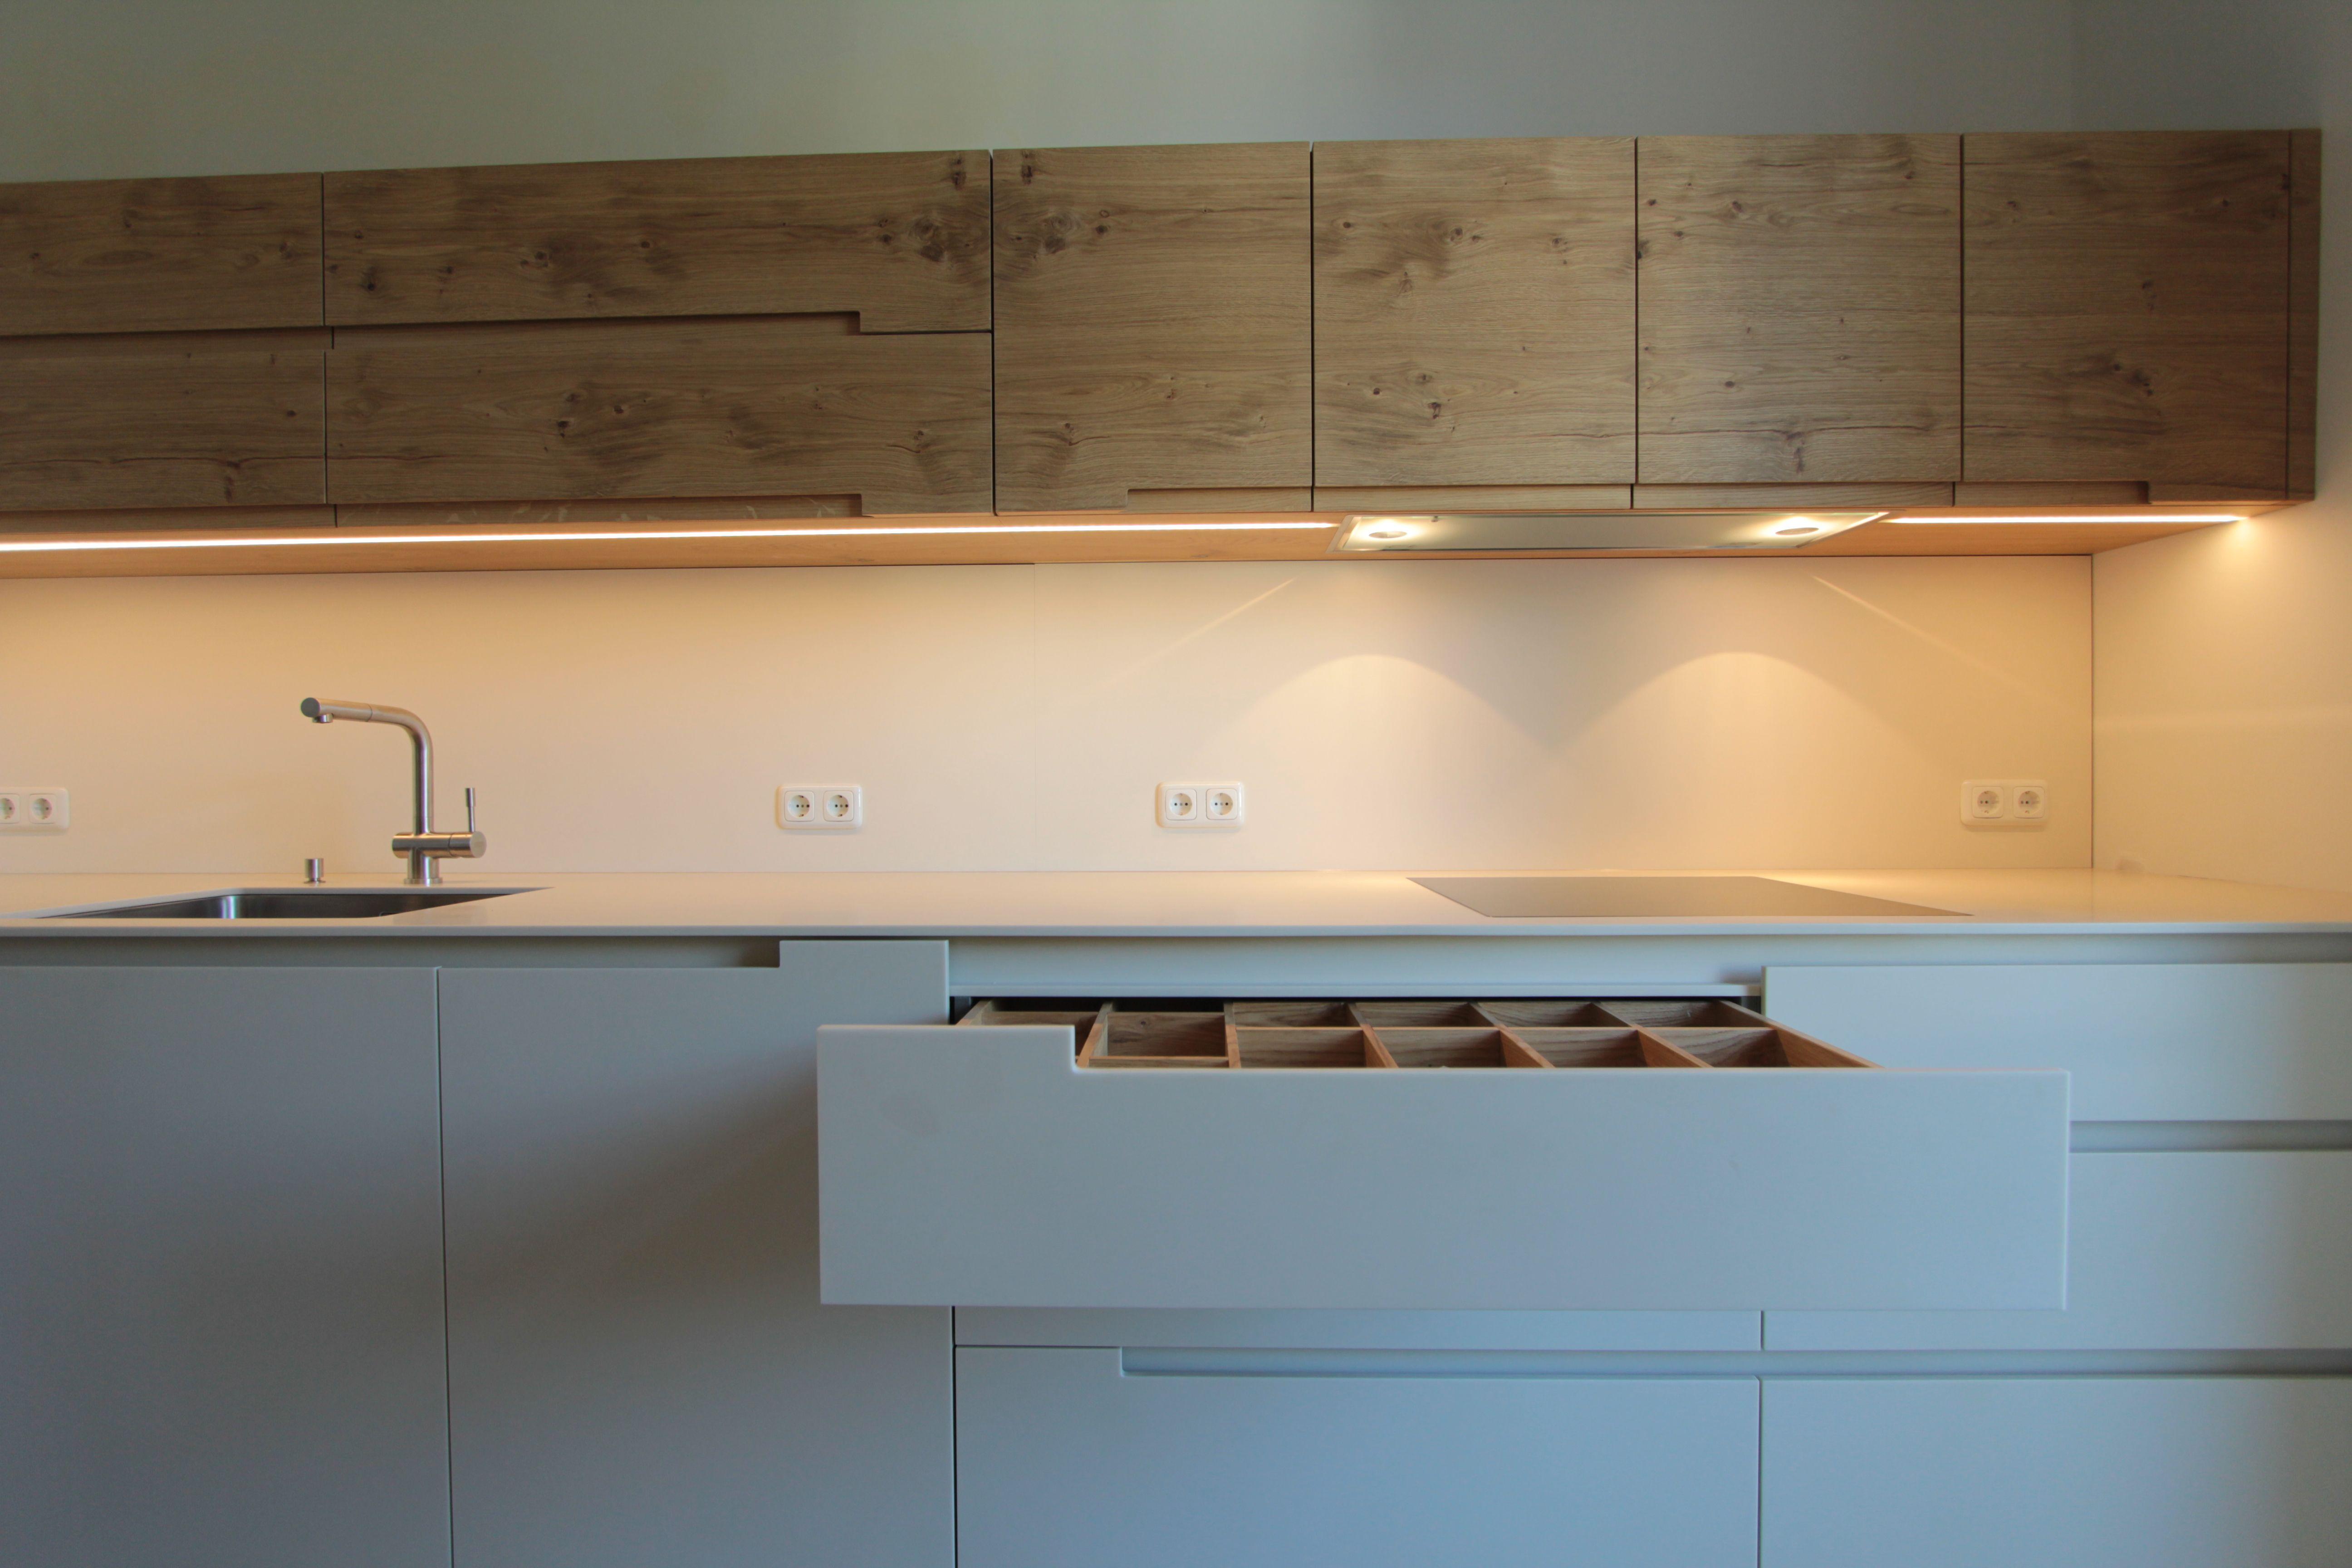 Küche Sockelleiste Beleuchtung | Kuche In Munchen Indirekte Beleuchtung Mineralwerkstoff